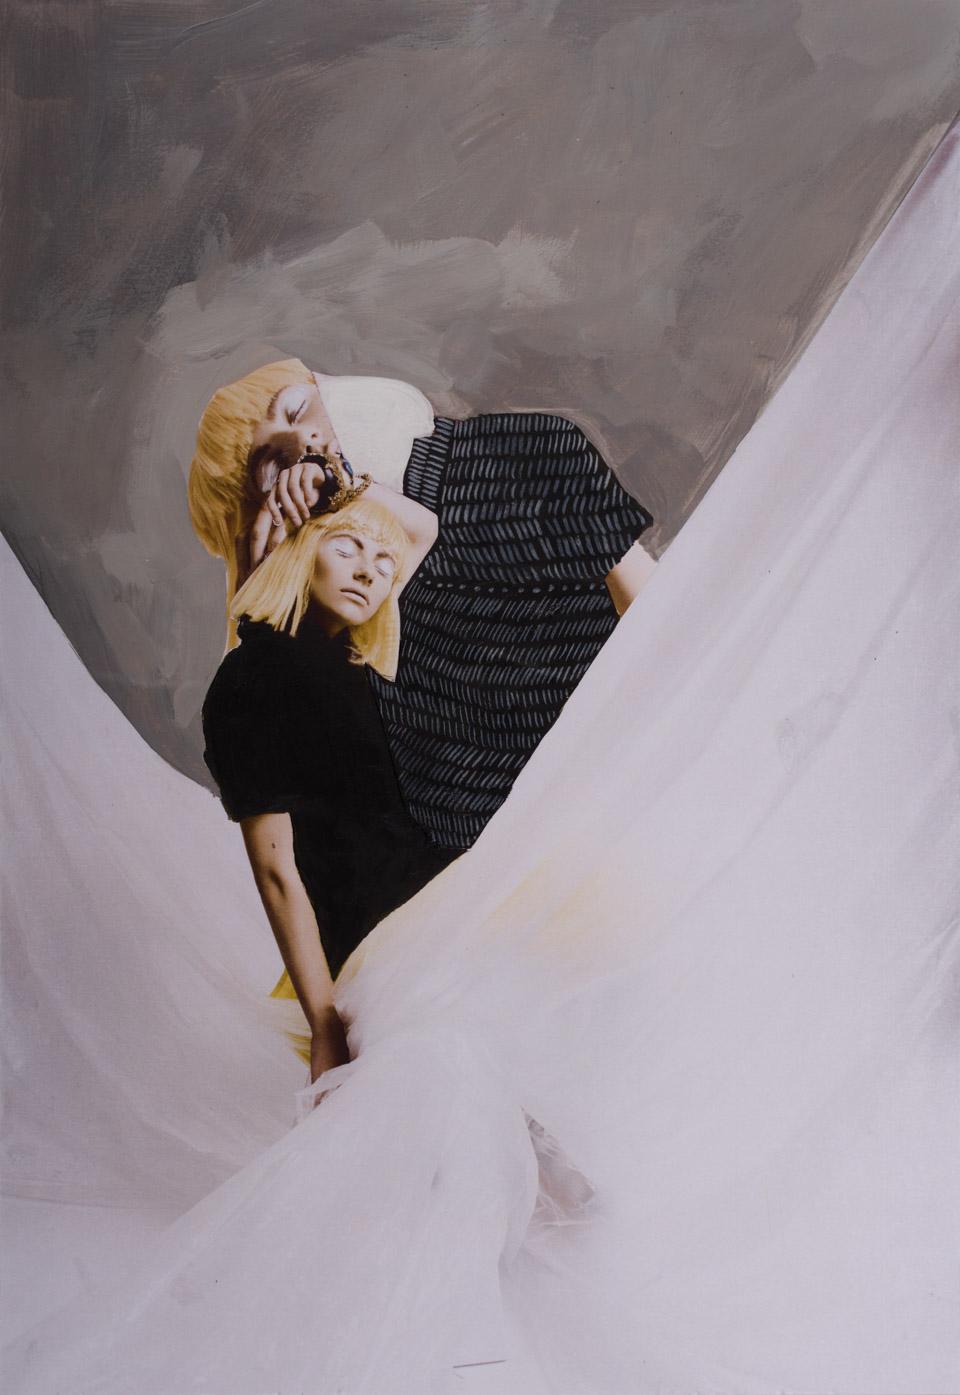 painted_woman17.jpg